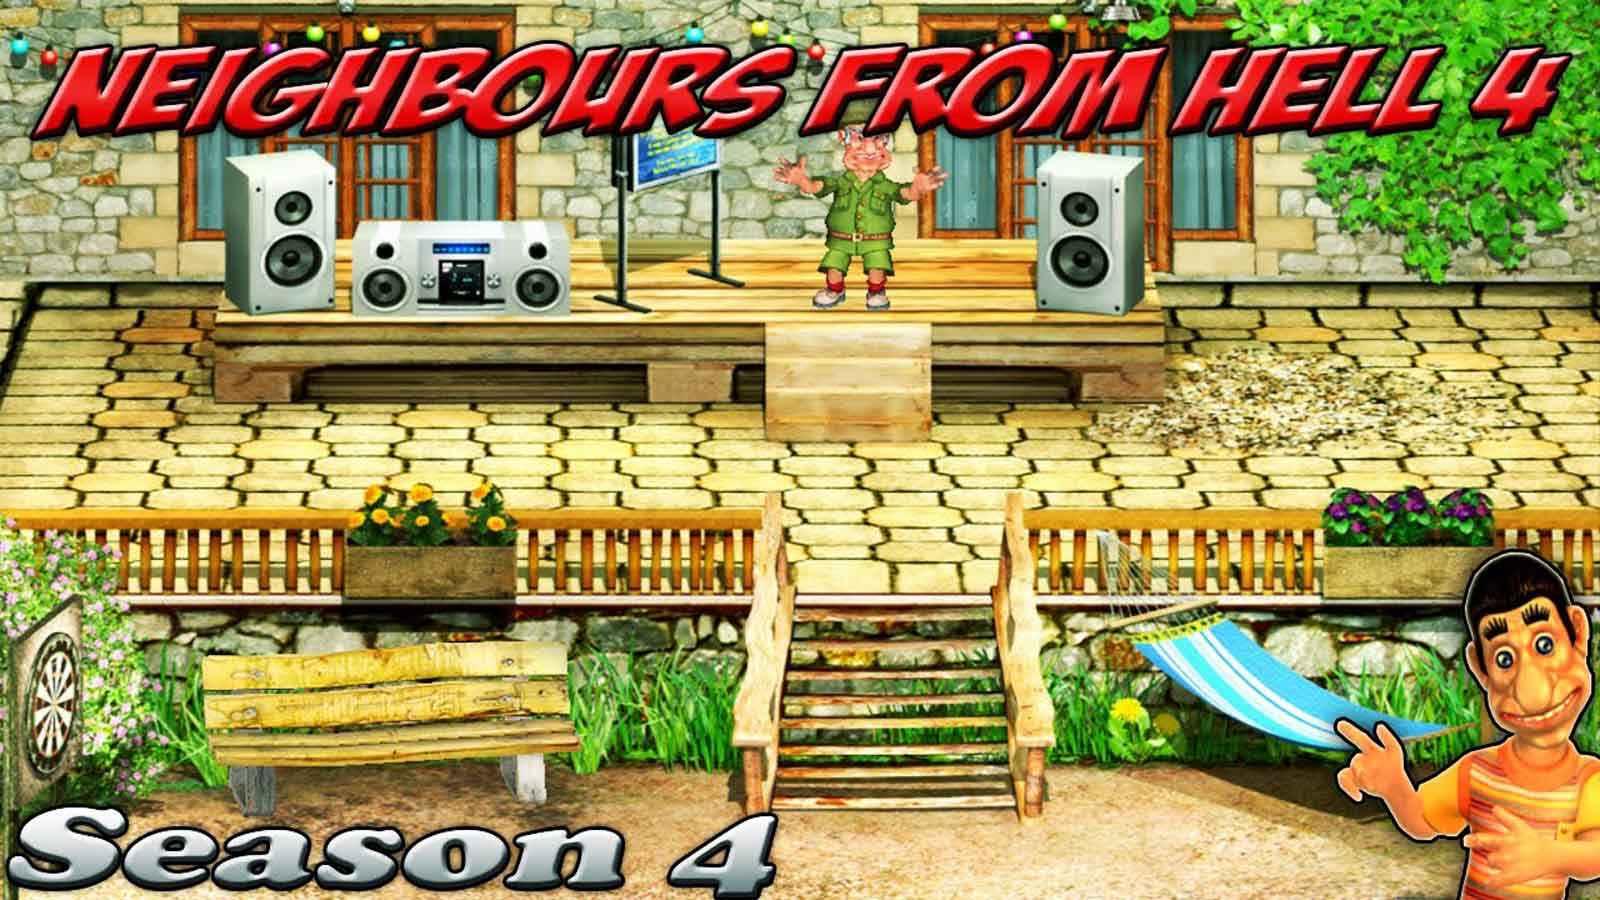 تحميل لعبة Neighbor From Hell 4 مضغوطة كاملة بروابط مباشرة مجانا